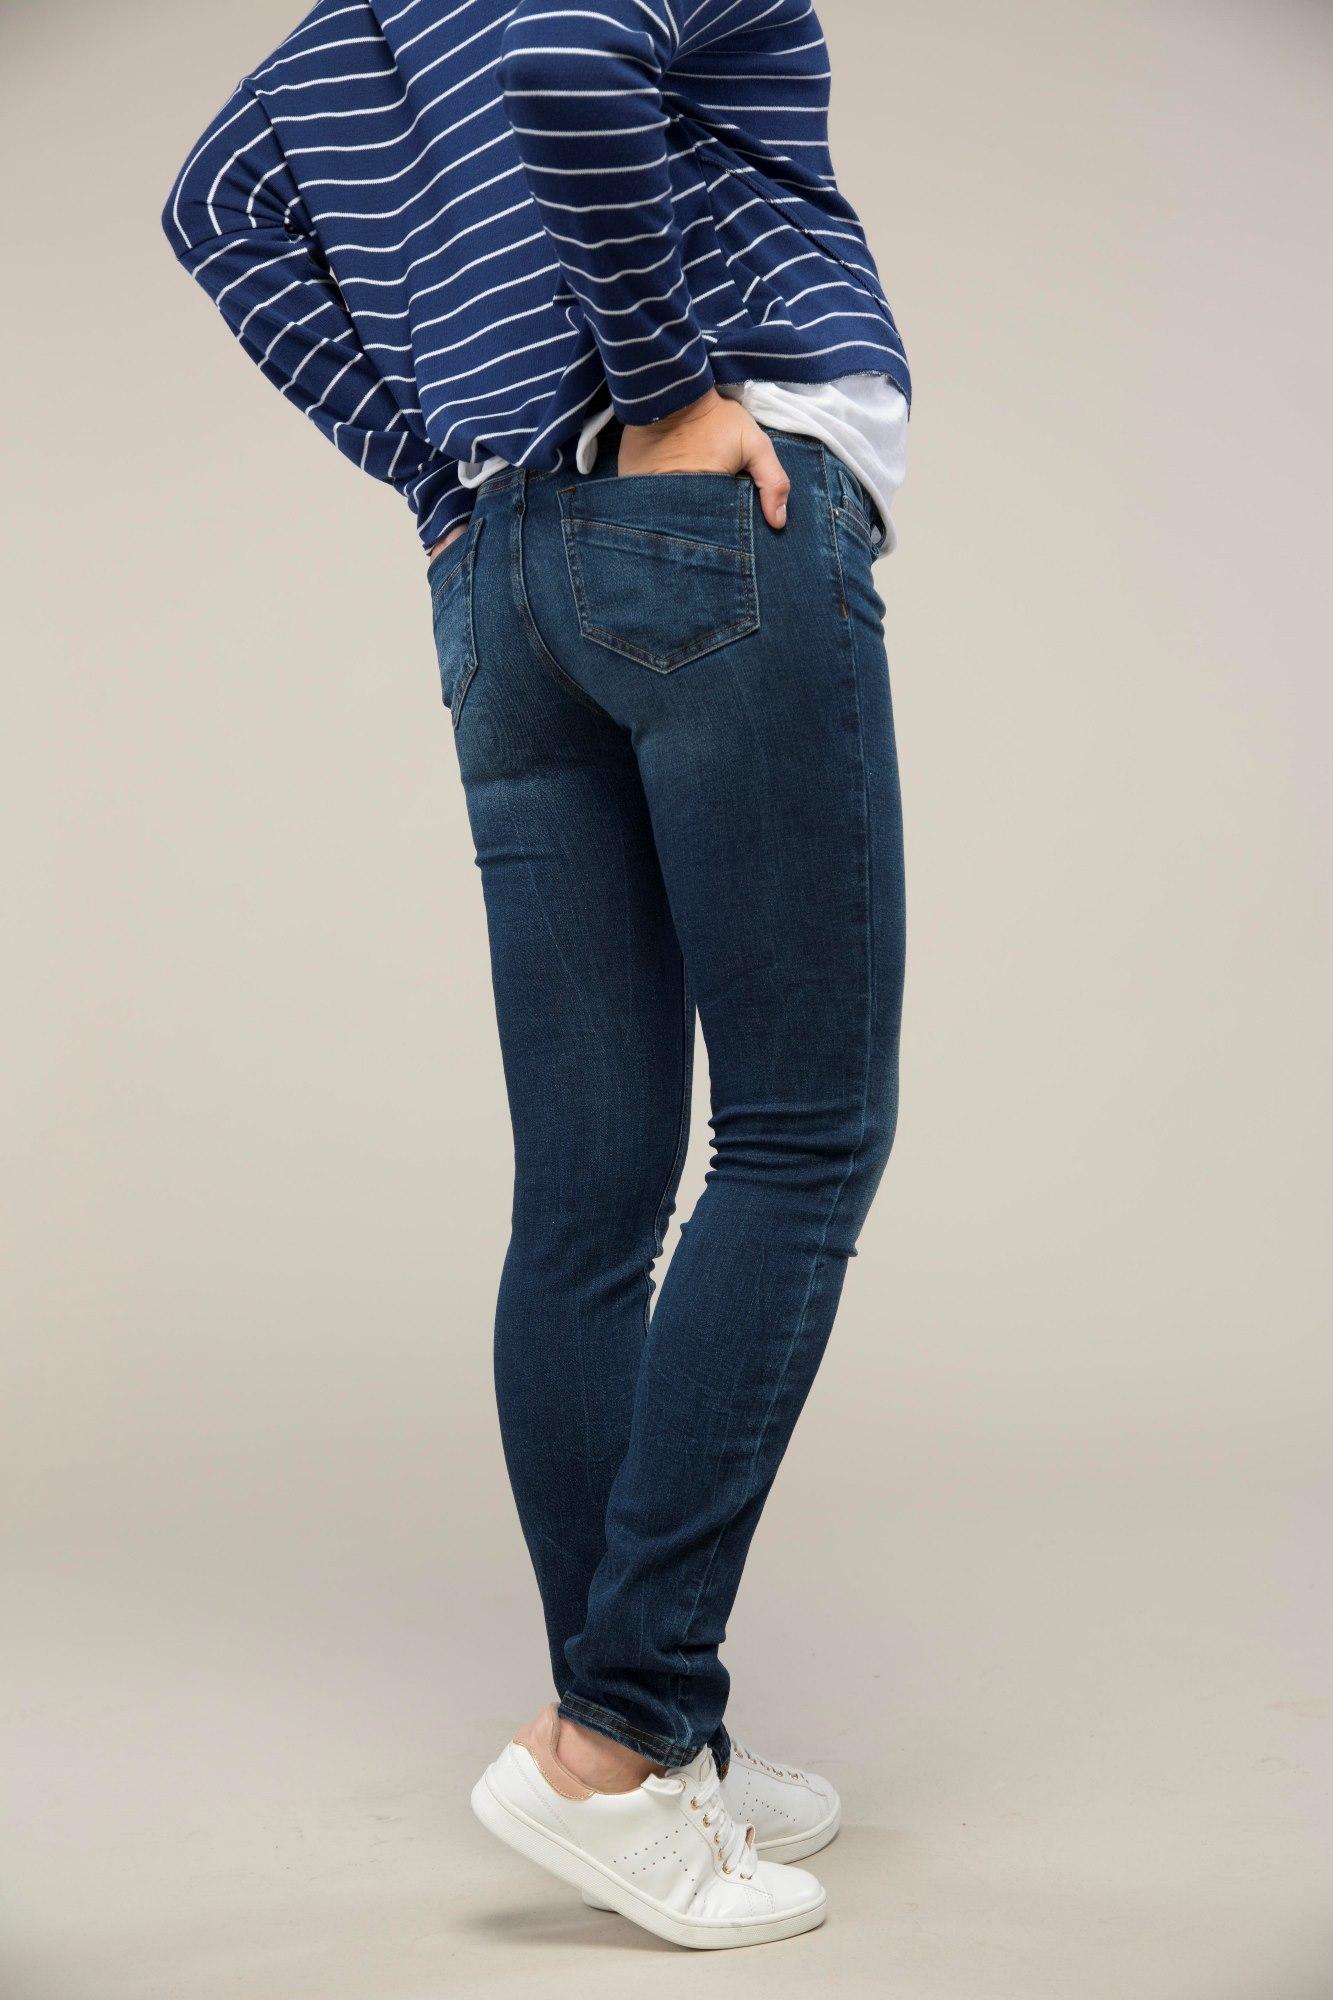 фото джинсы-скинни для беременных GEBE, средняя посадка, высокая трикотажная вставка от магазина СкороМама, синий, размеры.